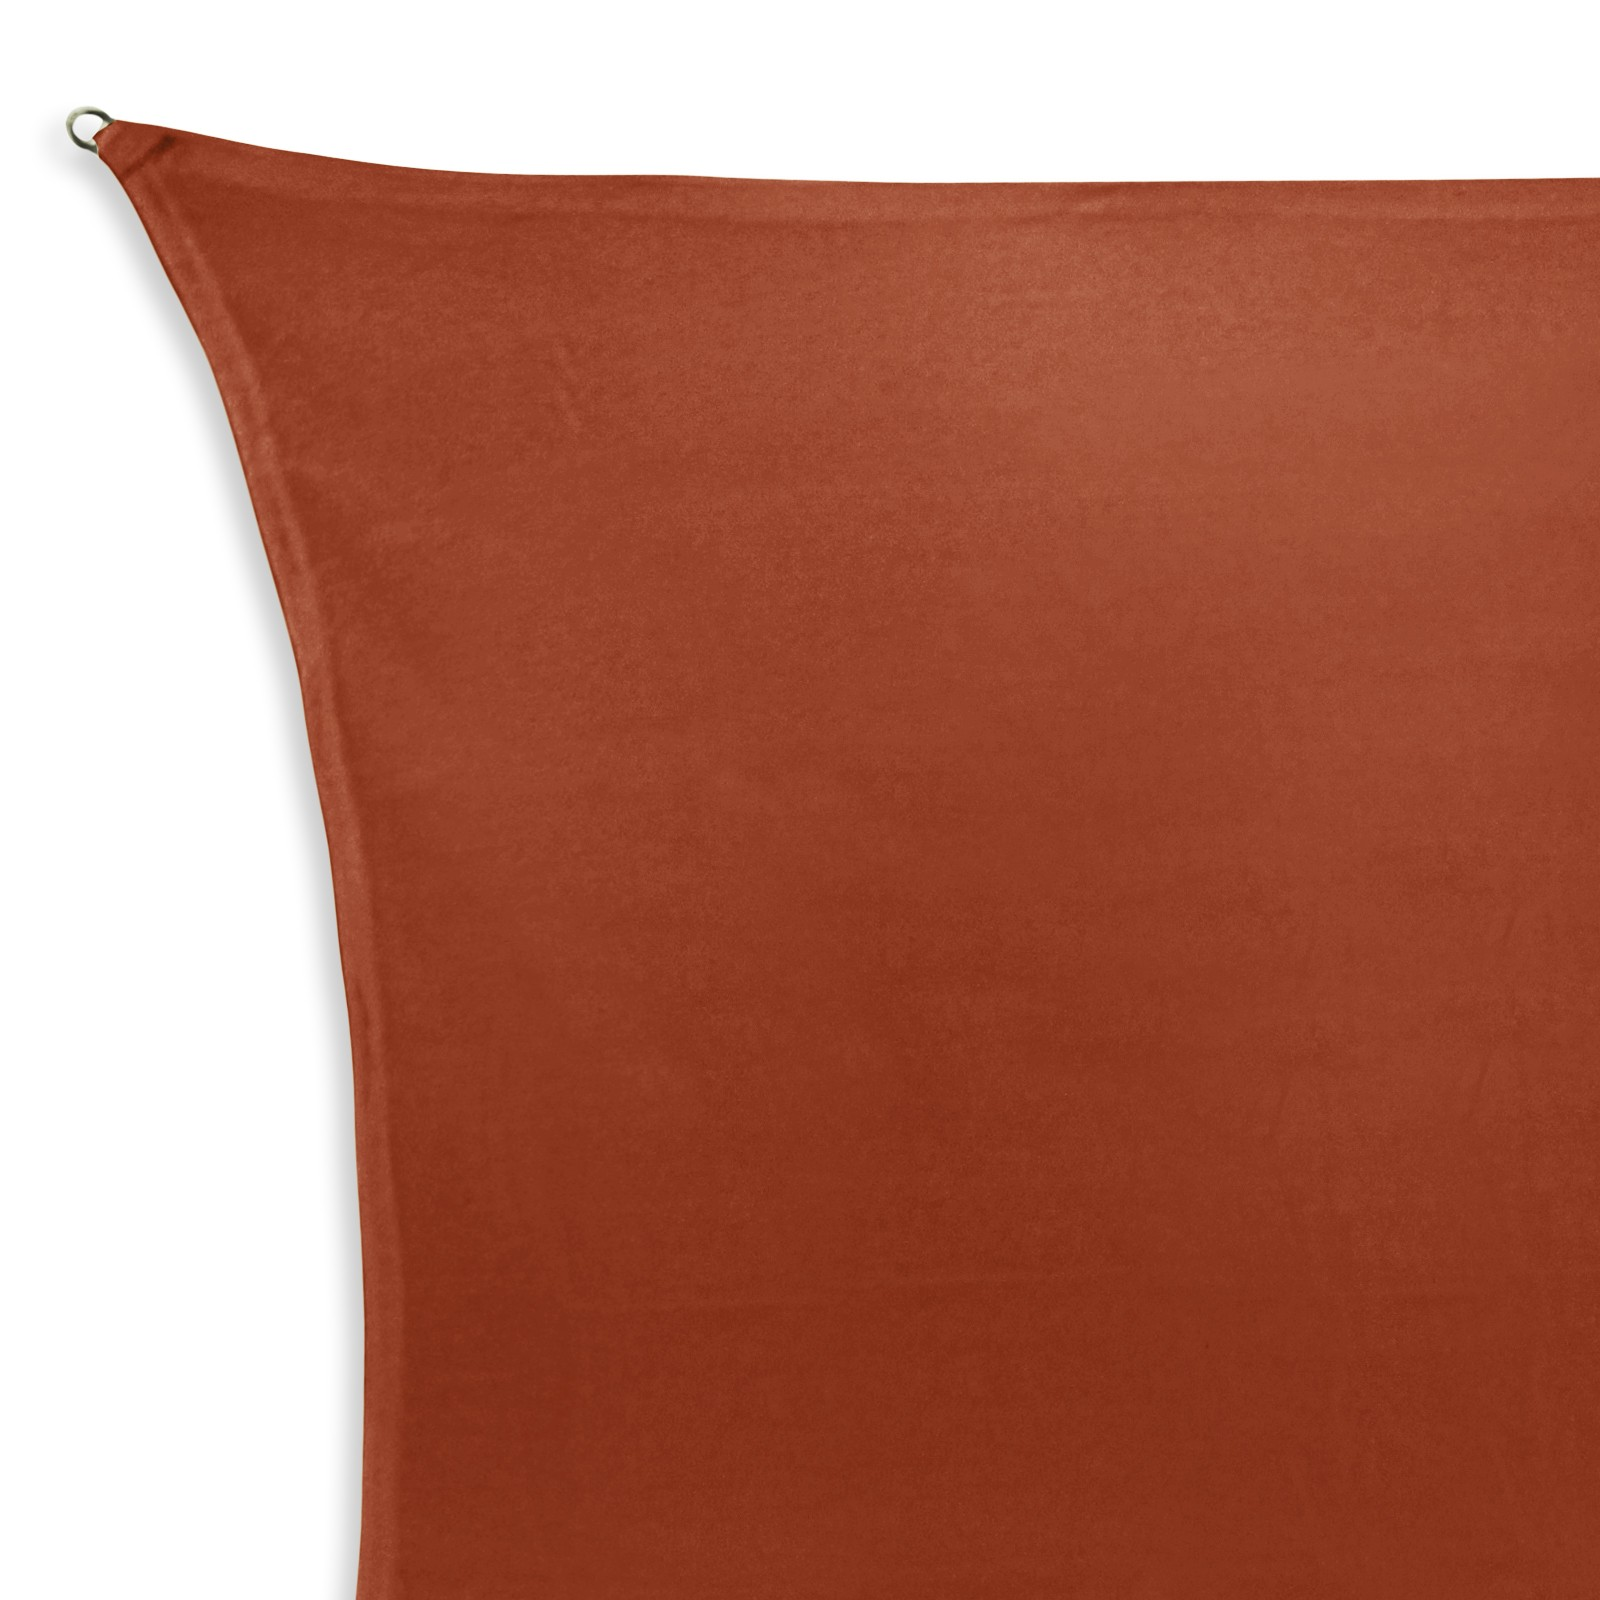 sonnensegel sonnenschutz shadow 5x7m sonnendach uv schutz garten terasse balkon. Black Bedroom Furniture Sets. Home Design Ideas